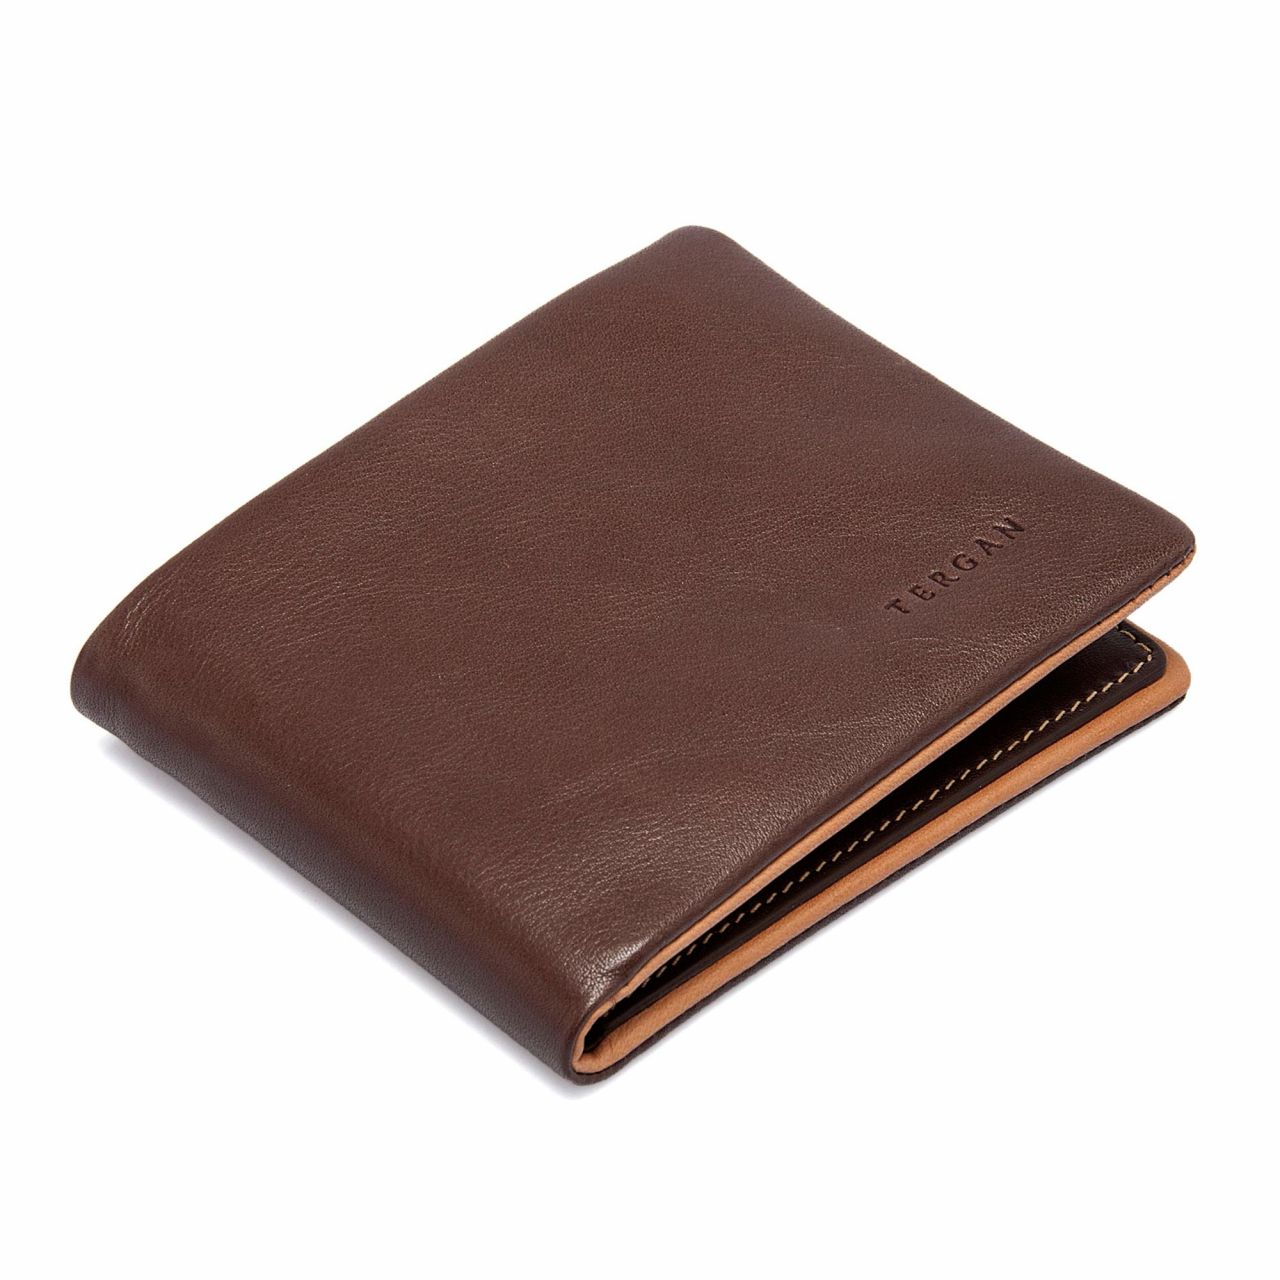 Elegant Men's Leather Wallet